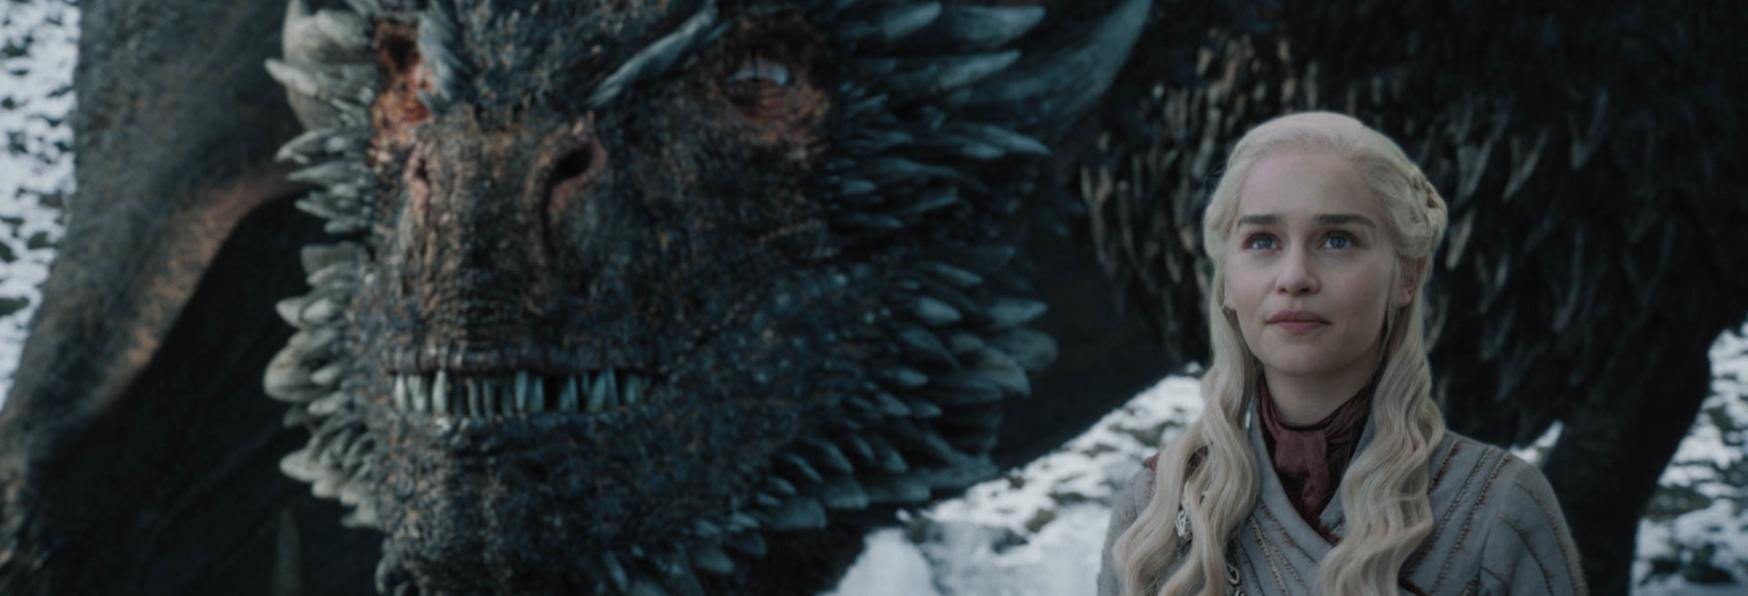 Game of Thrones 8: spiegata la Scena Finale di Drogon e Daenerys